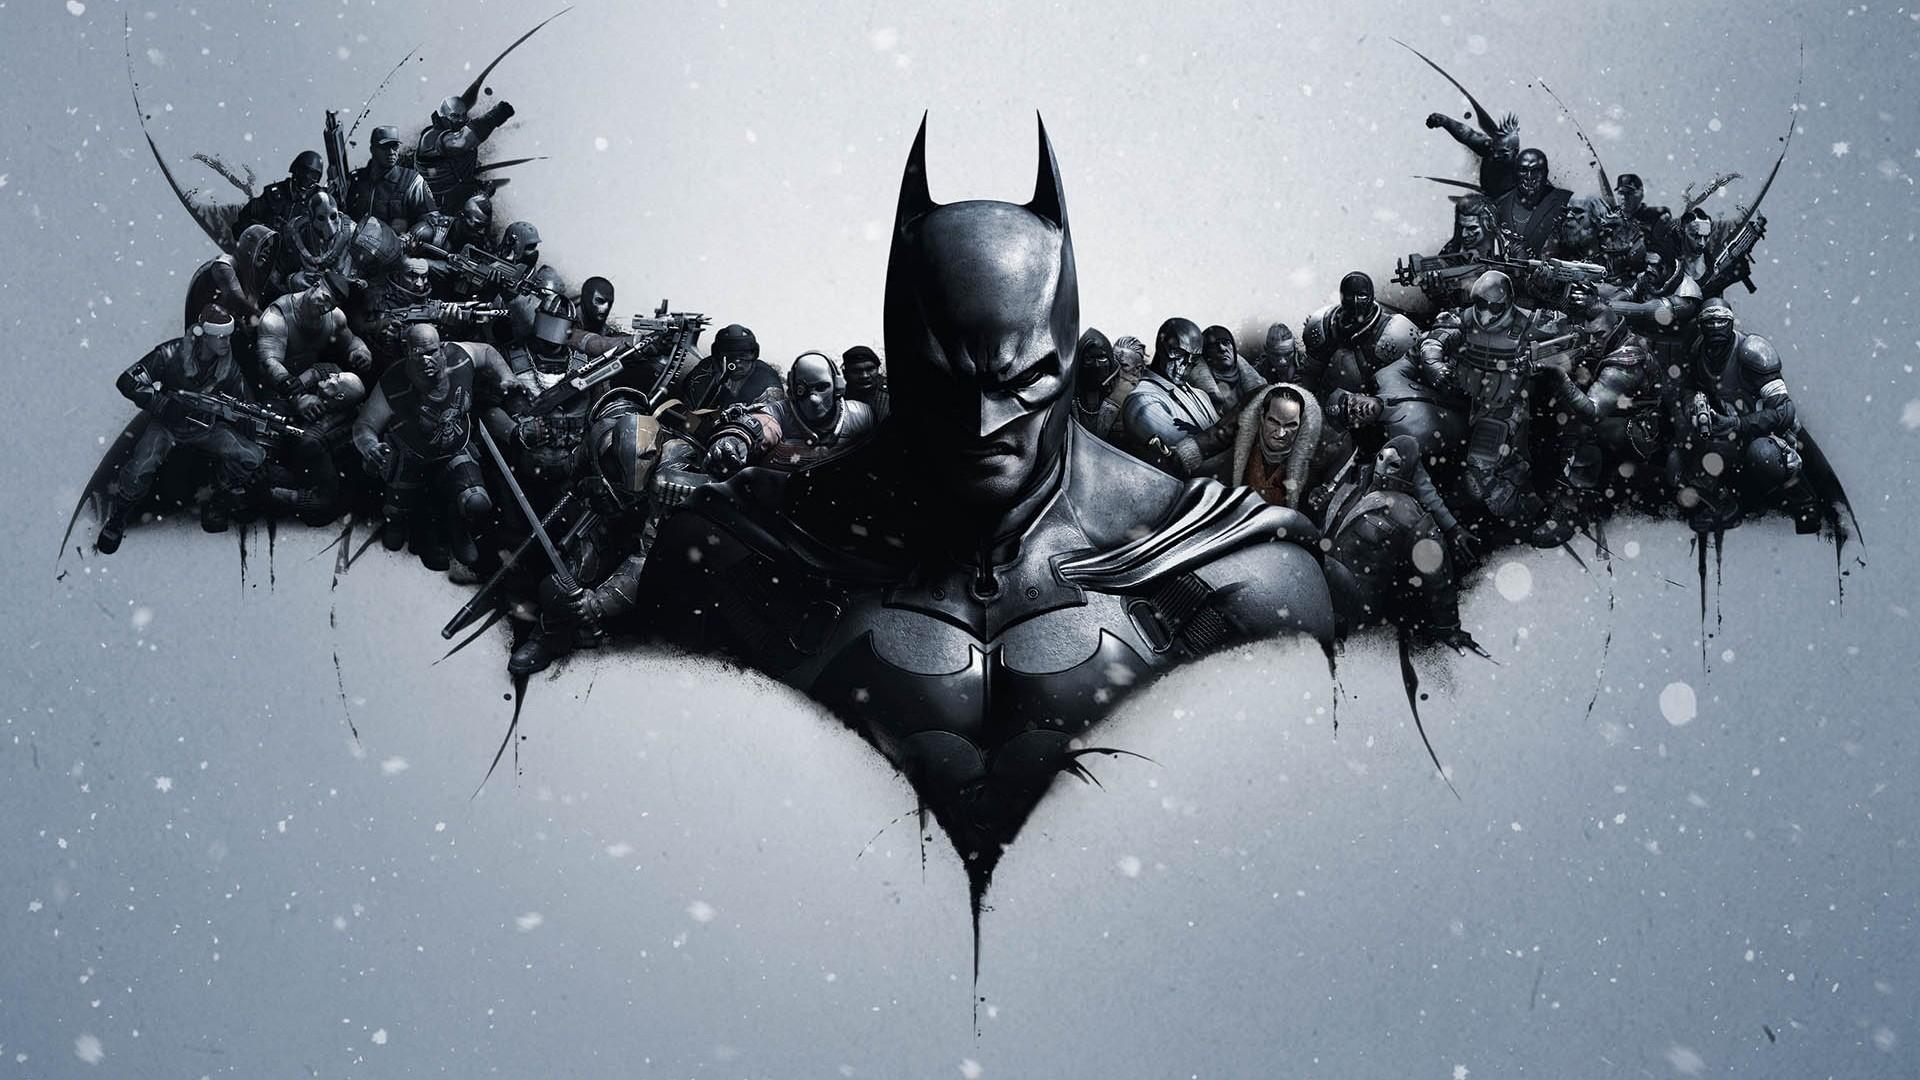 Video games Batman Arkham Origins Arkham Origins wallpaper